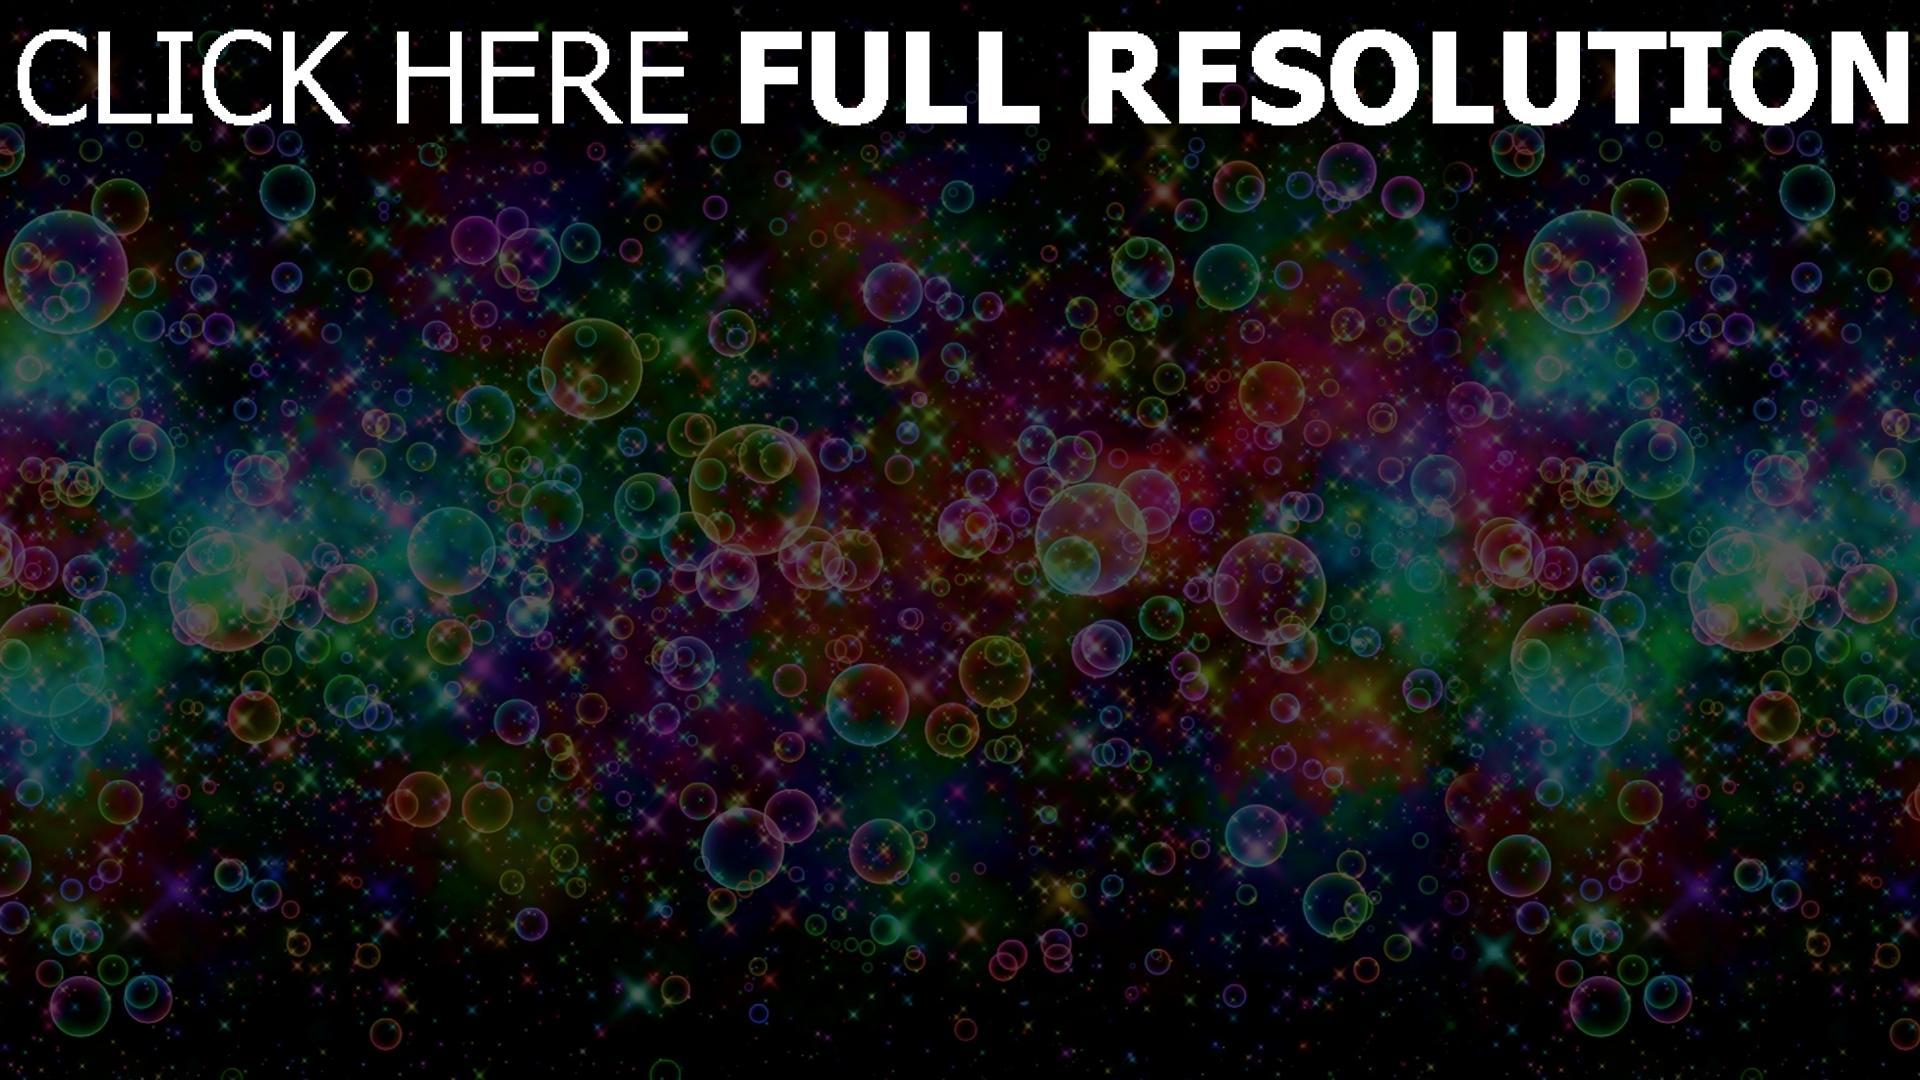 hd hintergrundbilder blasen bunt regenbogen hell 1920x1080